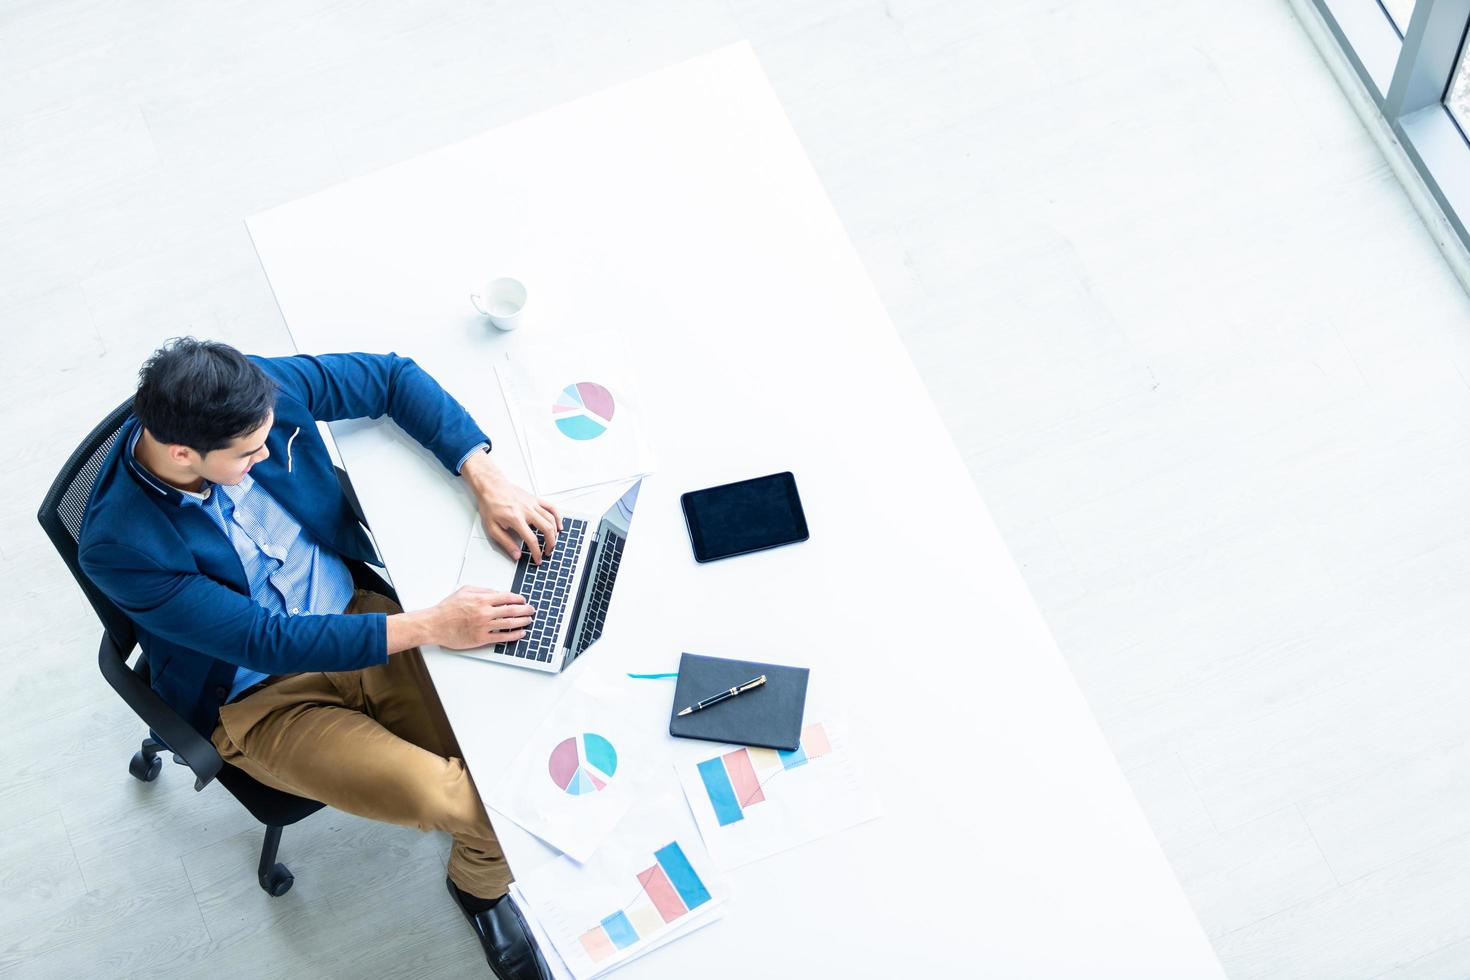 jonge Aziatische zakenman die werkt in een modern kantoor foto